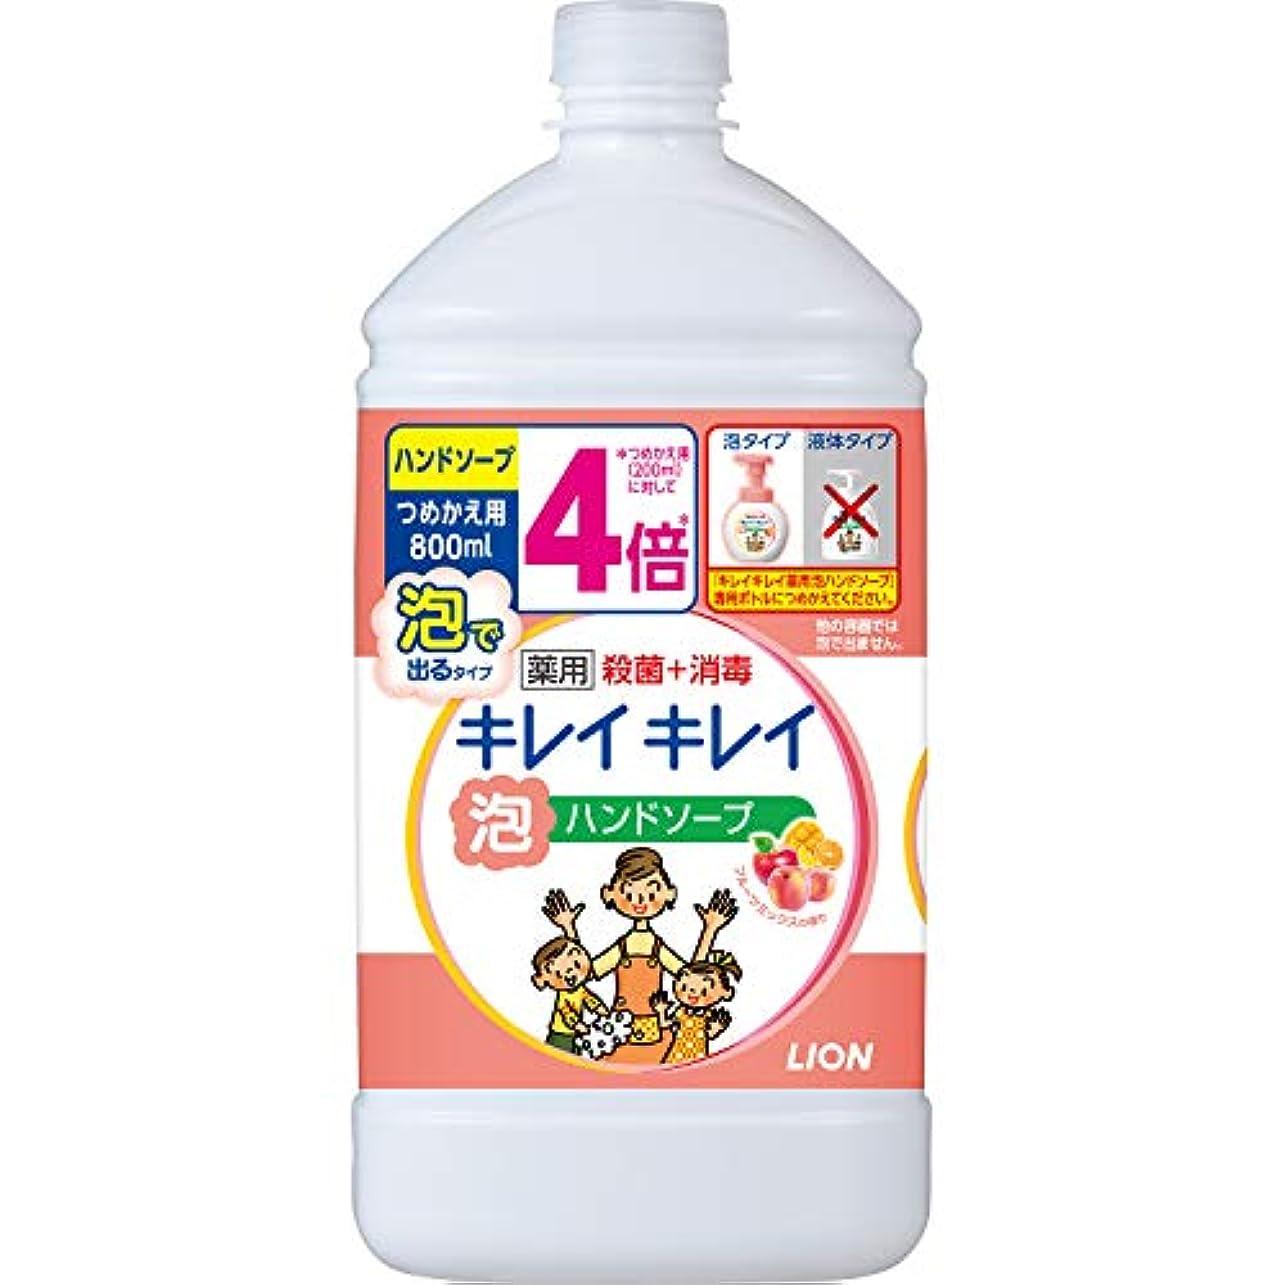 オッズ教室人柄(医薬部外品)【大容量】キレイキレイ 薬用 泡ハンドソープ フルーツミックスの香り 詰替特大 800ml